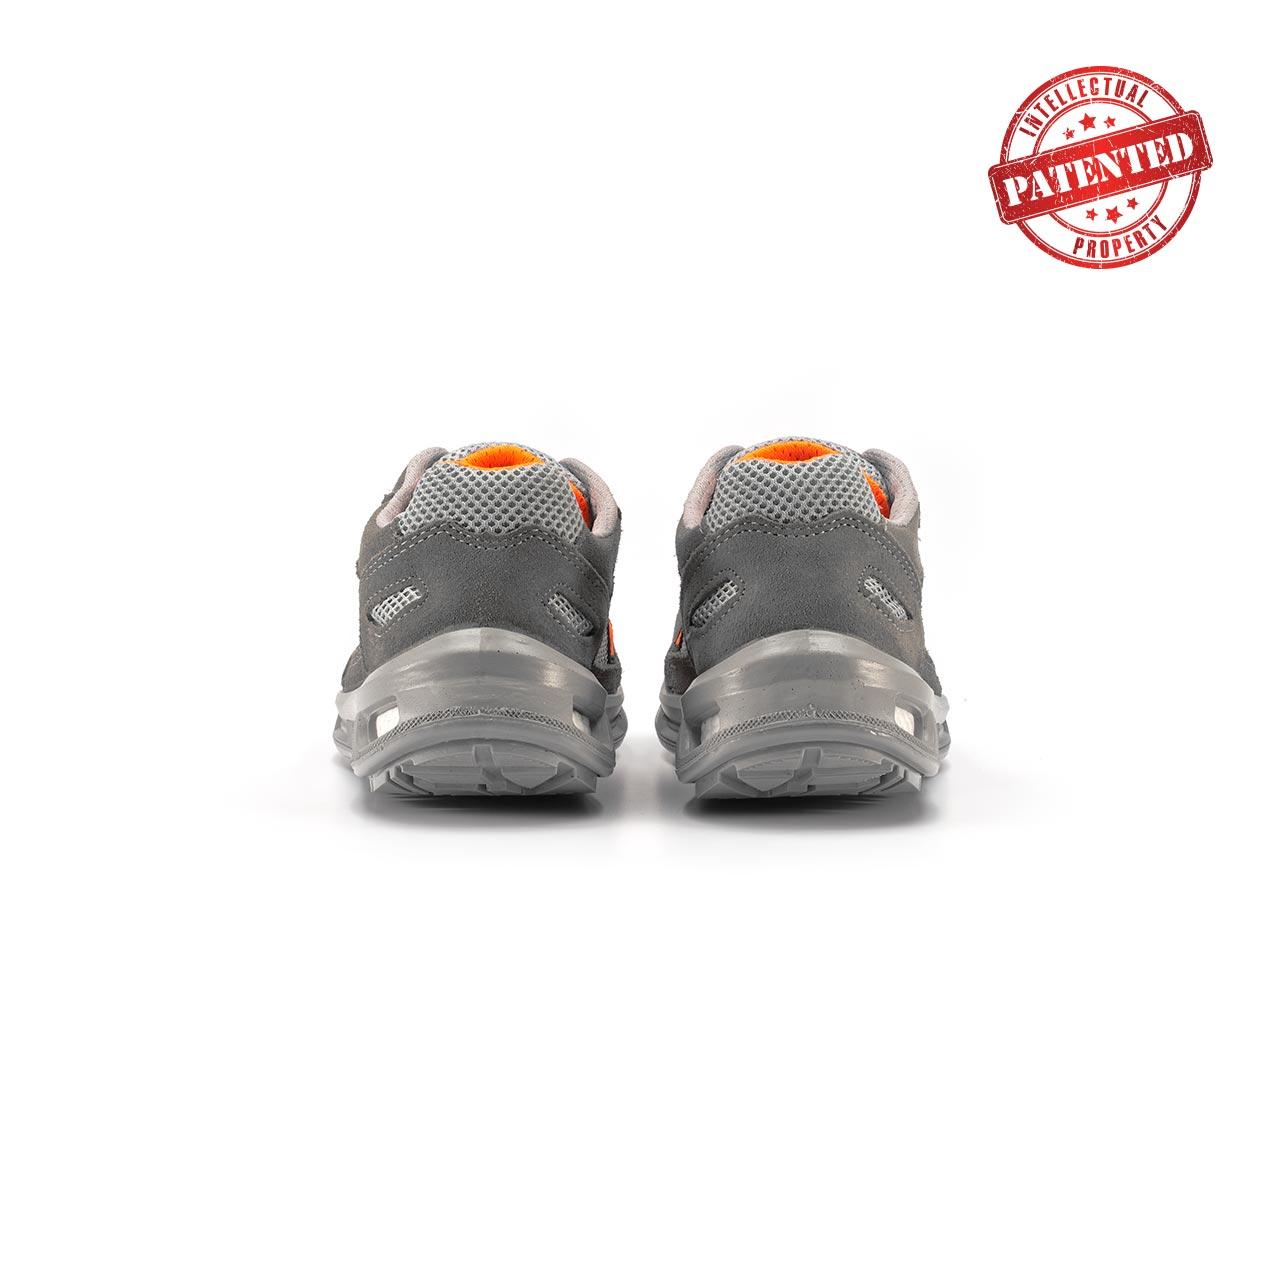 paio di scarpe antinfortunistiche upower modello ultra linea redlion vista retro